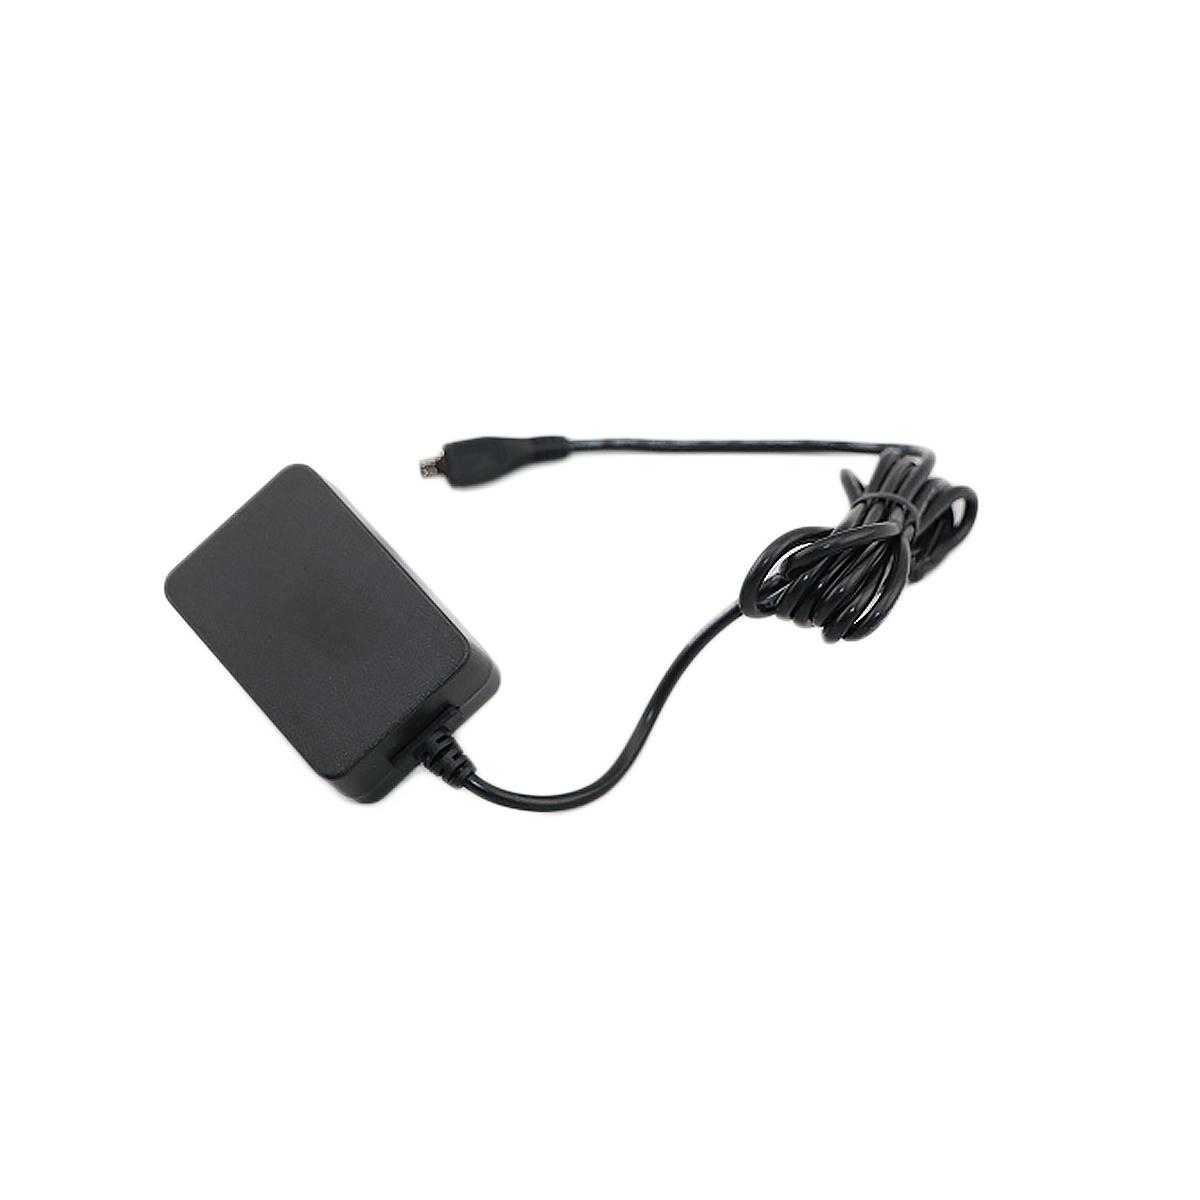 MicroUSB AC電源アダプター 5V 2A 対応 宅配便送料無料 1ヶ月保証 K&M